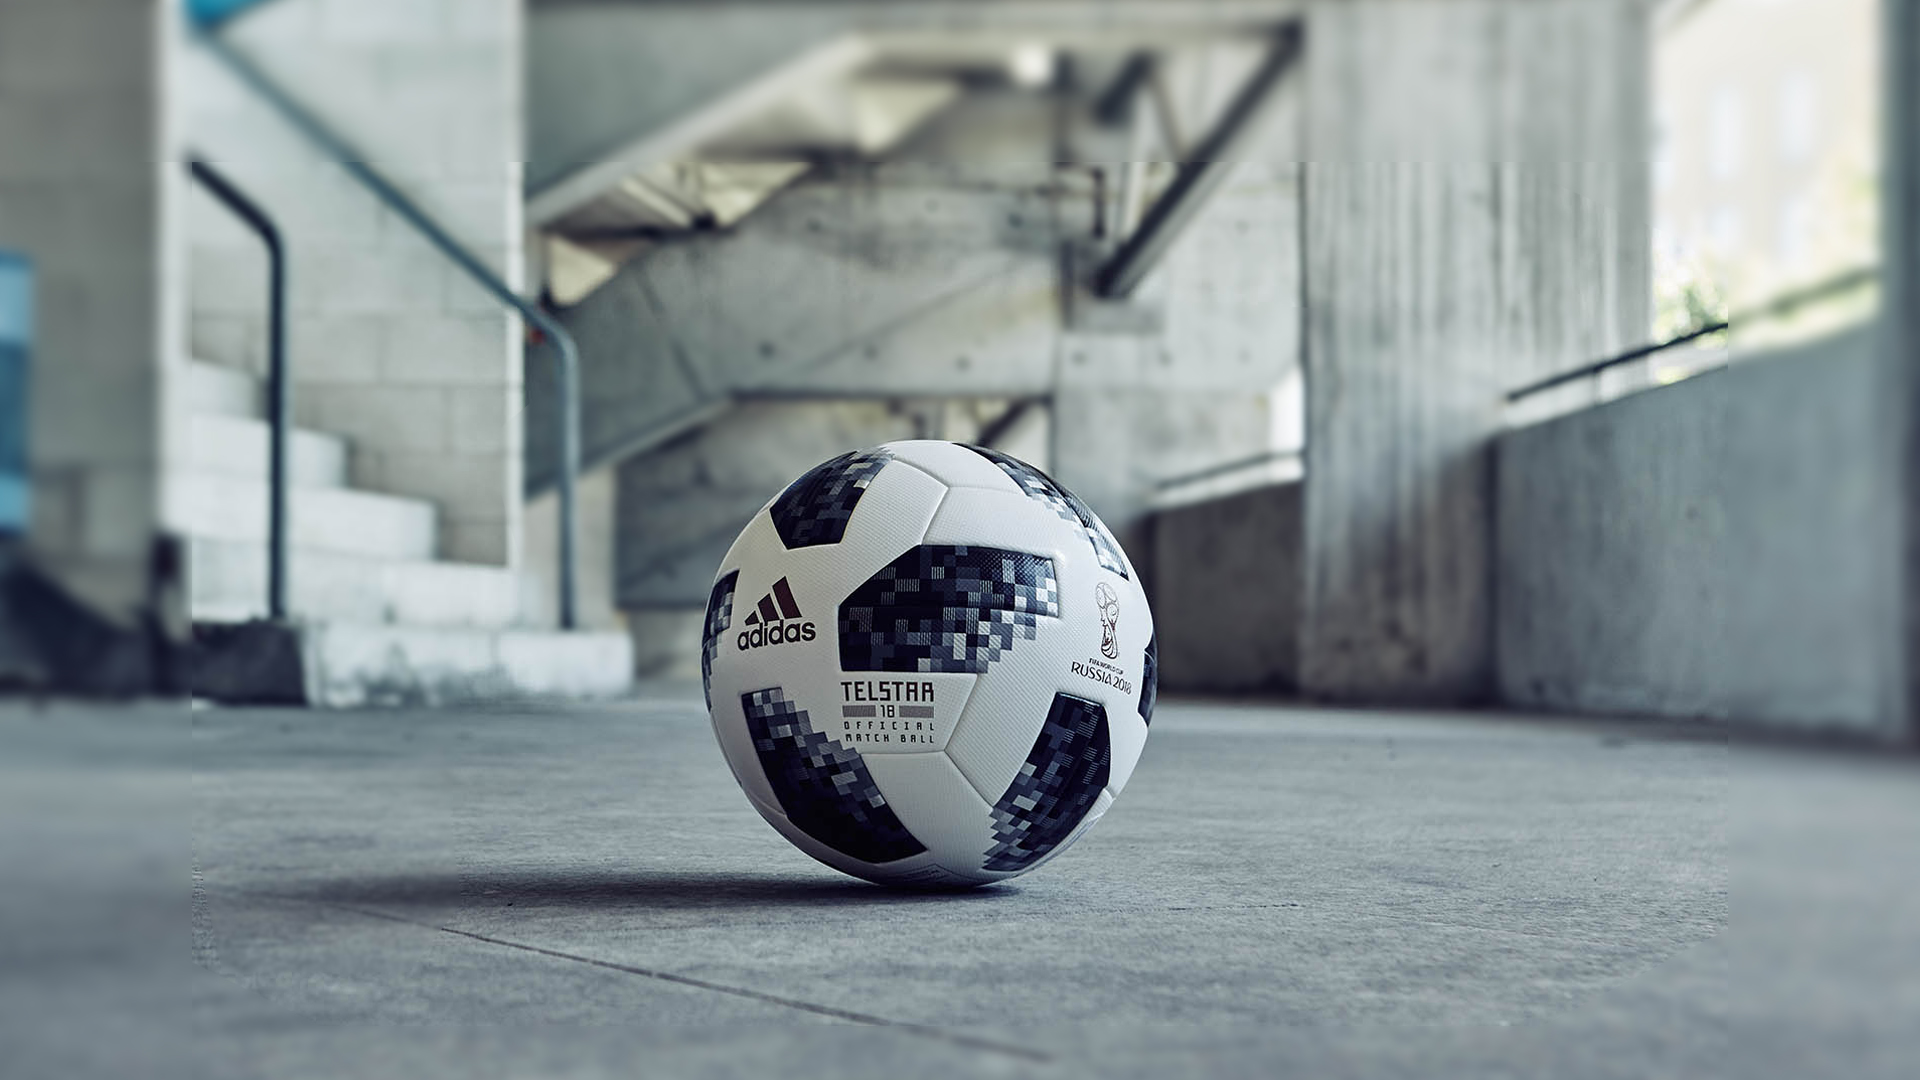 Adidas Telstar 2018 FIFA World Cup Official Match Ball ...